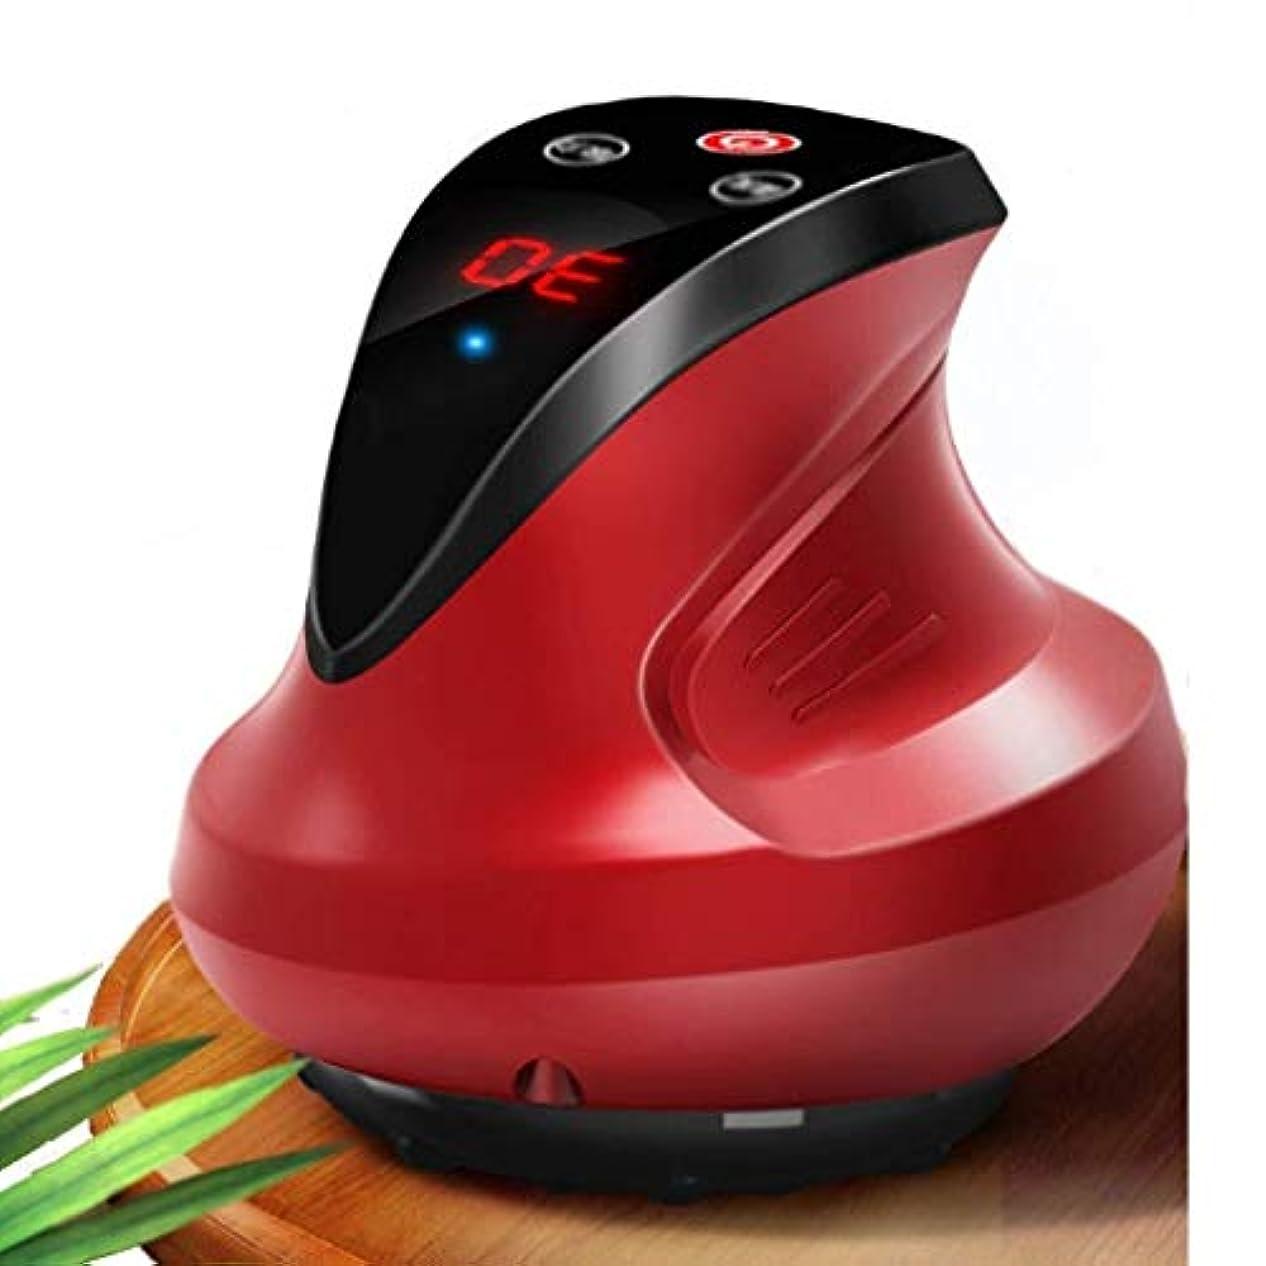 ながら謙虚運命電気グアシャマッサージ、加熱陰圧磁気療法、スクレーピングデトックスマッサージ、陰圧リンファデトックスSPAグアシャマッサージ (Color : 赤)